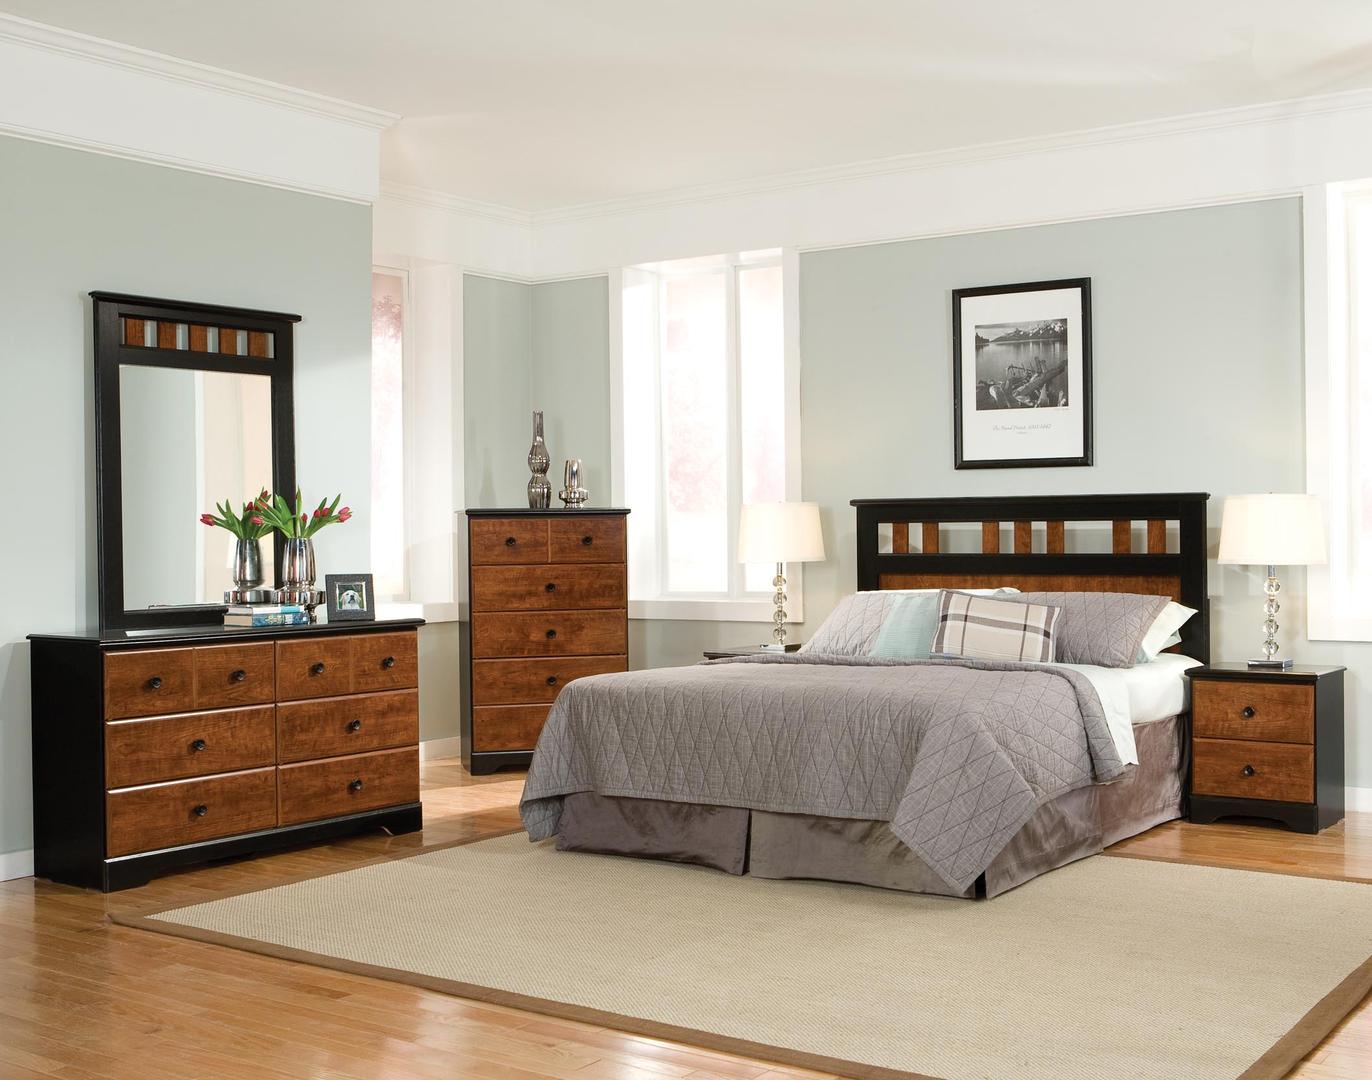 100 Ideas Black Cherry Oak Cherry Cherry Bedroom Nightstands On